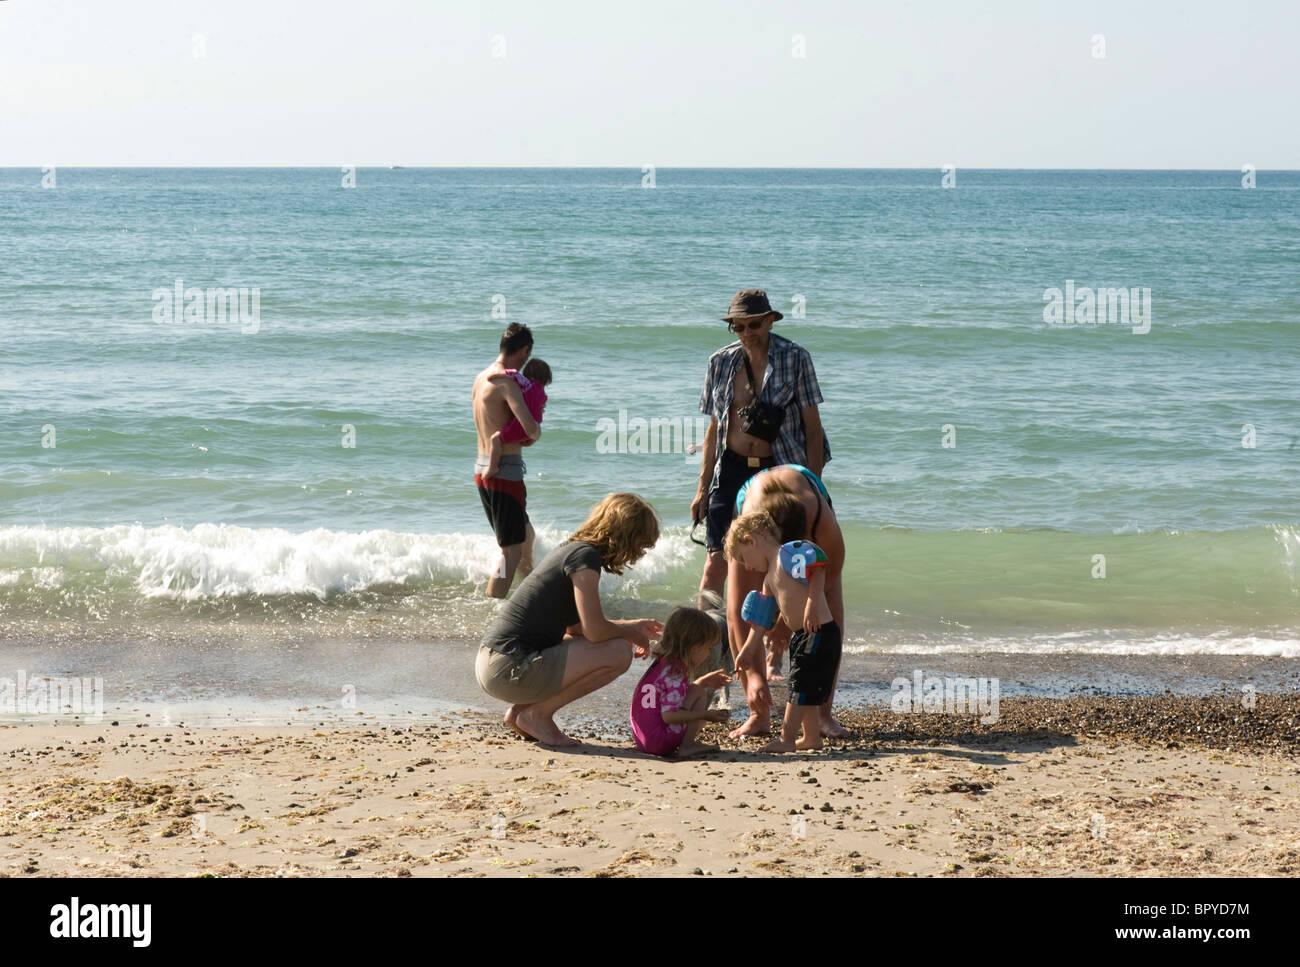 Famille (3 générations) en vacances au bord de la plage Photo Stock